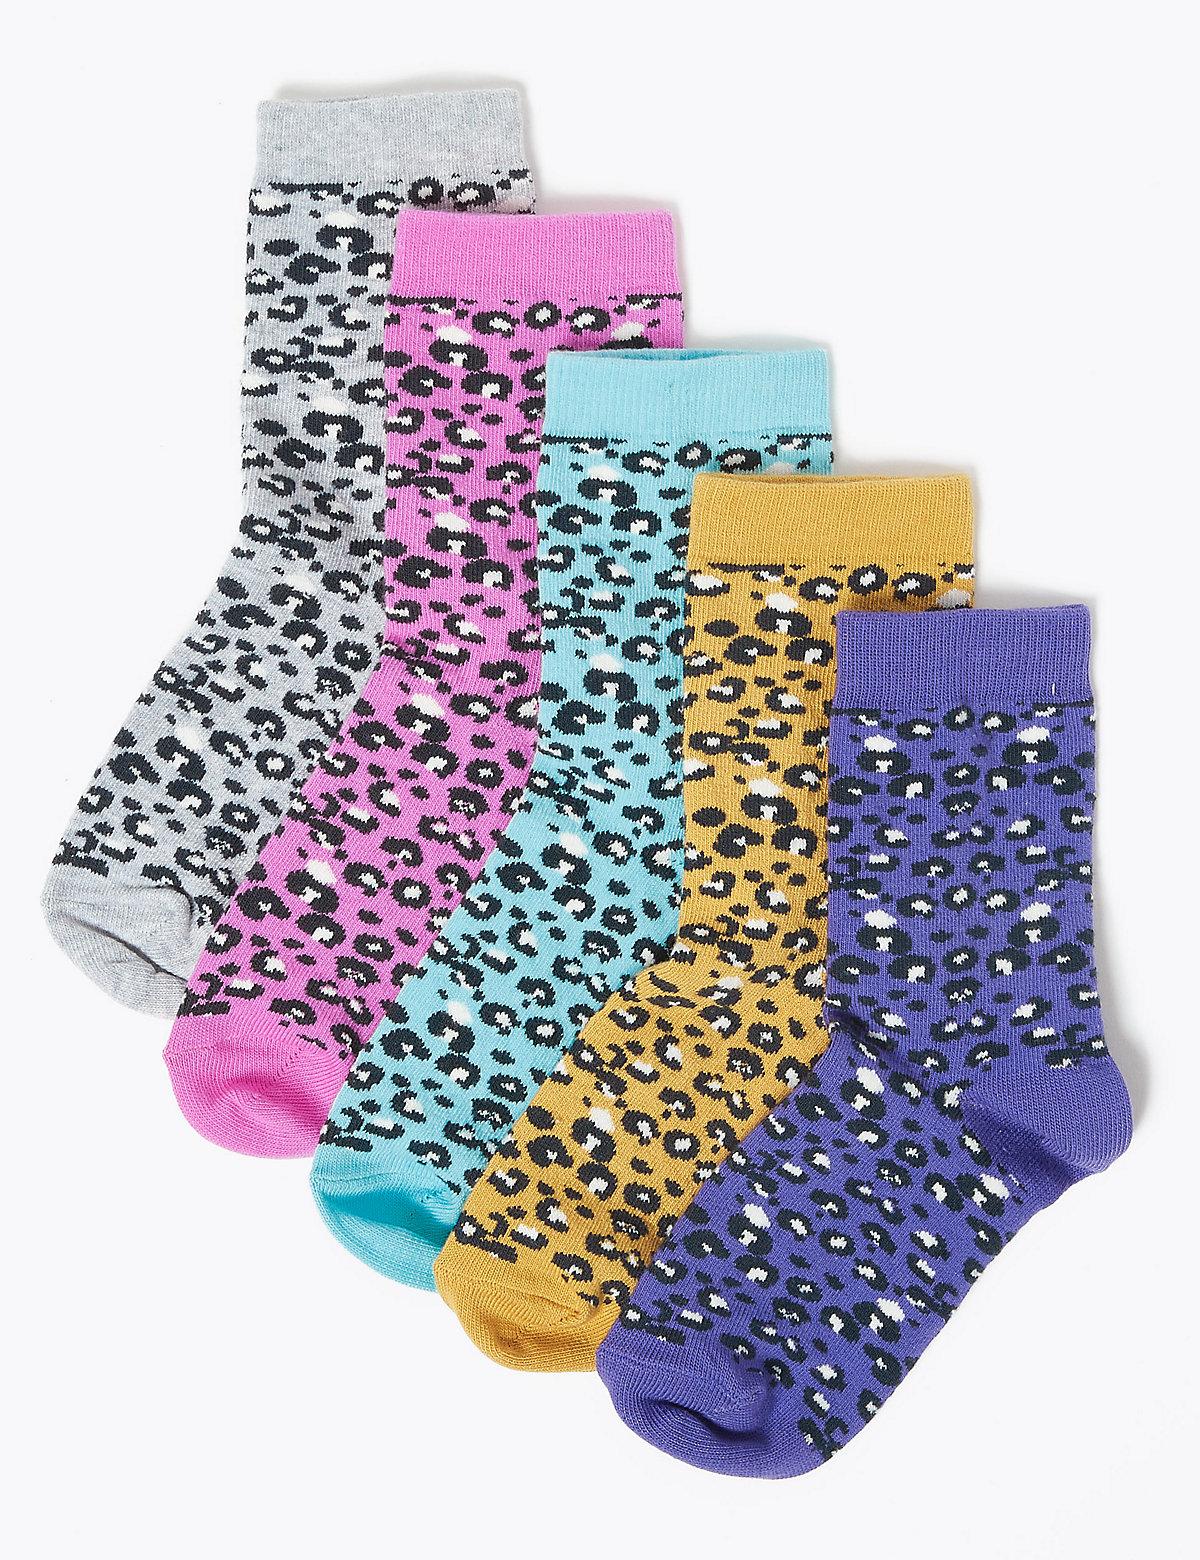 Носки хлопковые Freshfeet™ с леопардовым принтом для девочки (5 пар)